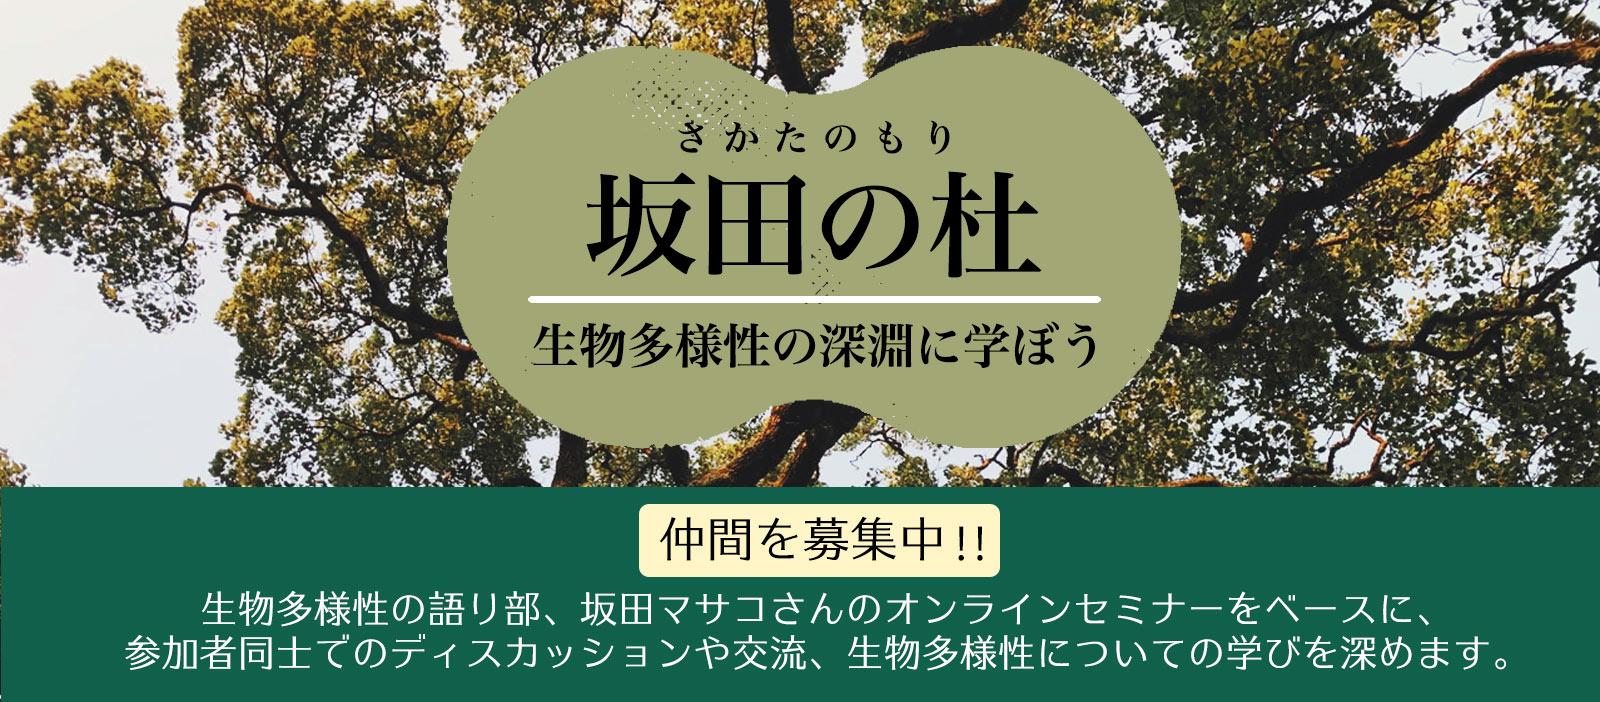 sakatanomori_banner